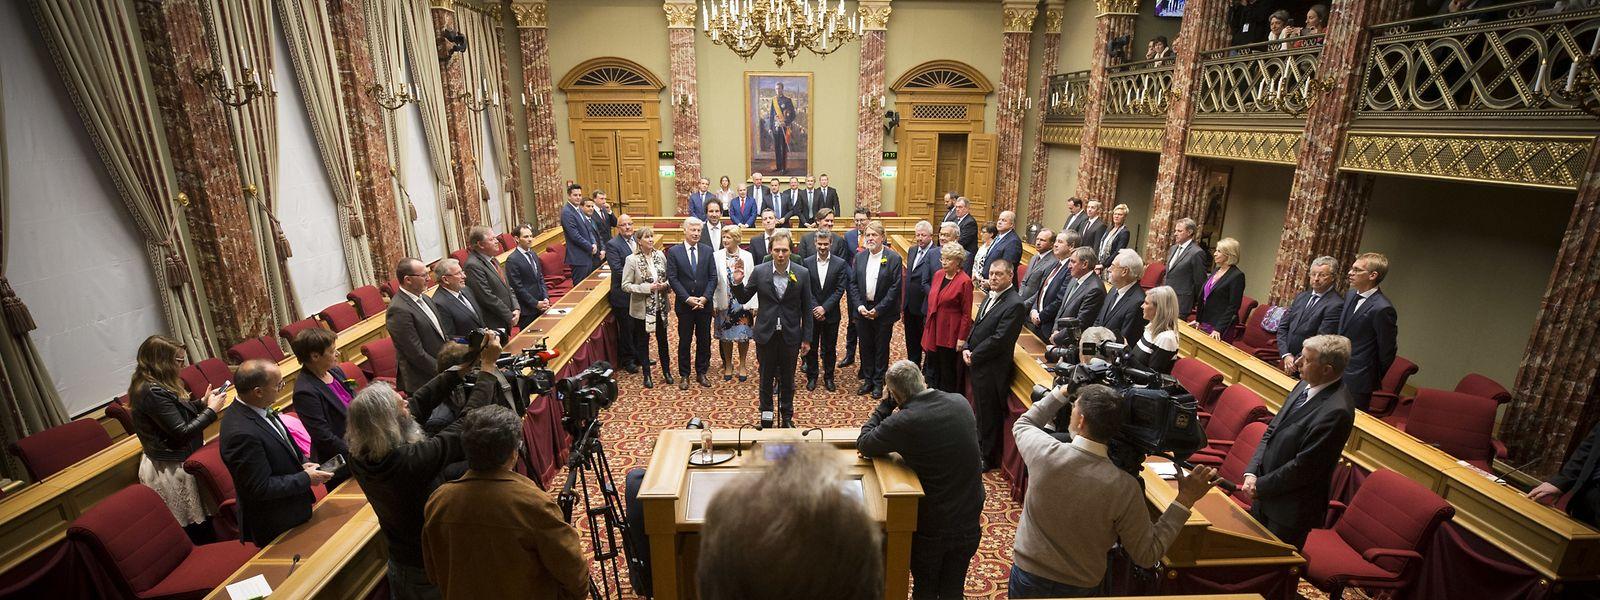 Bei der Rentrée parlementaire wurden am Dienstag die ersten 45 Abgeordneten vereidigt. Die restlichen 15 Parlamentarier legen ihren Eid erst ab, wenn die Regierung steht.